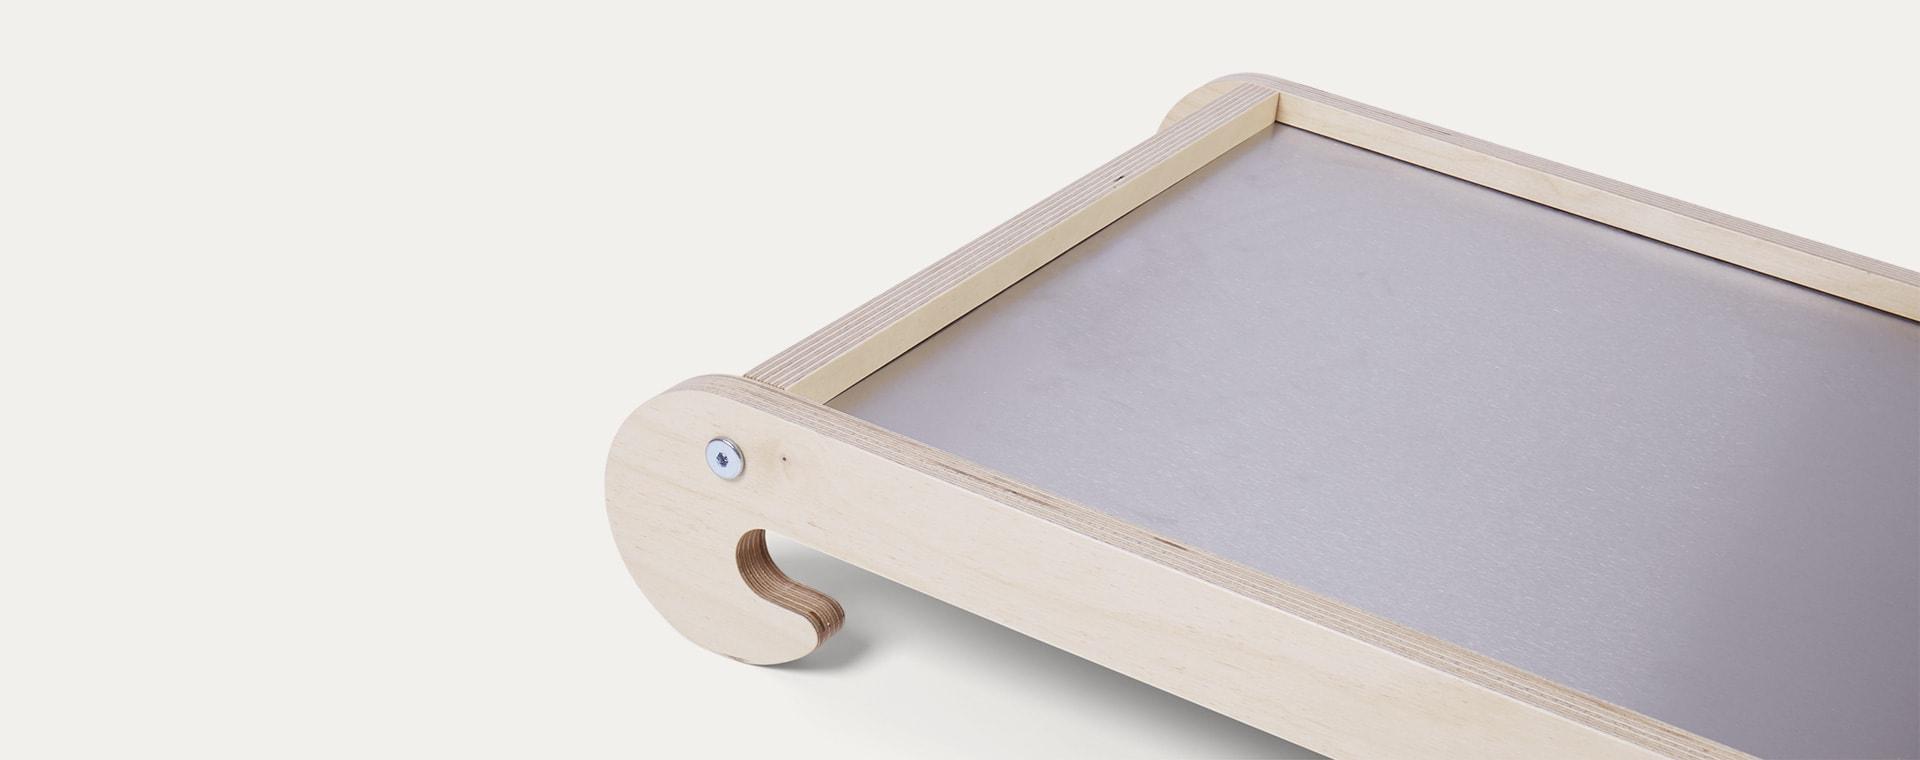 Natural Wood Triclimb Biri Board